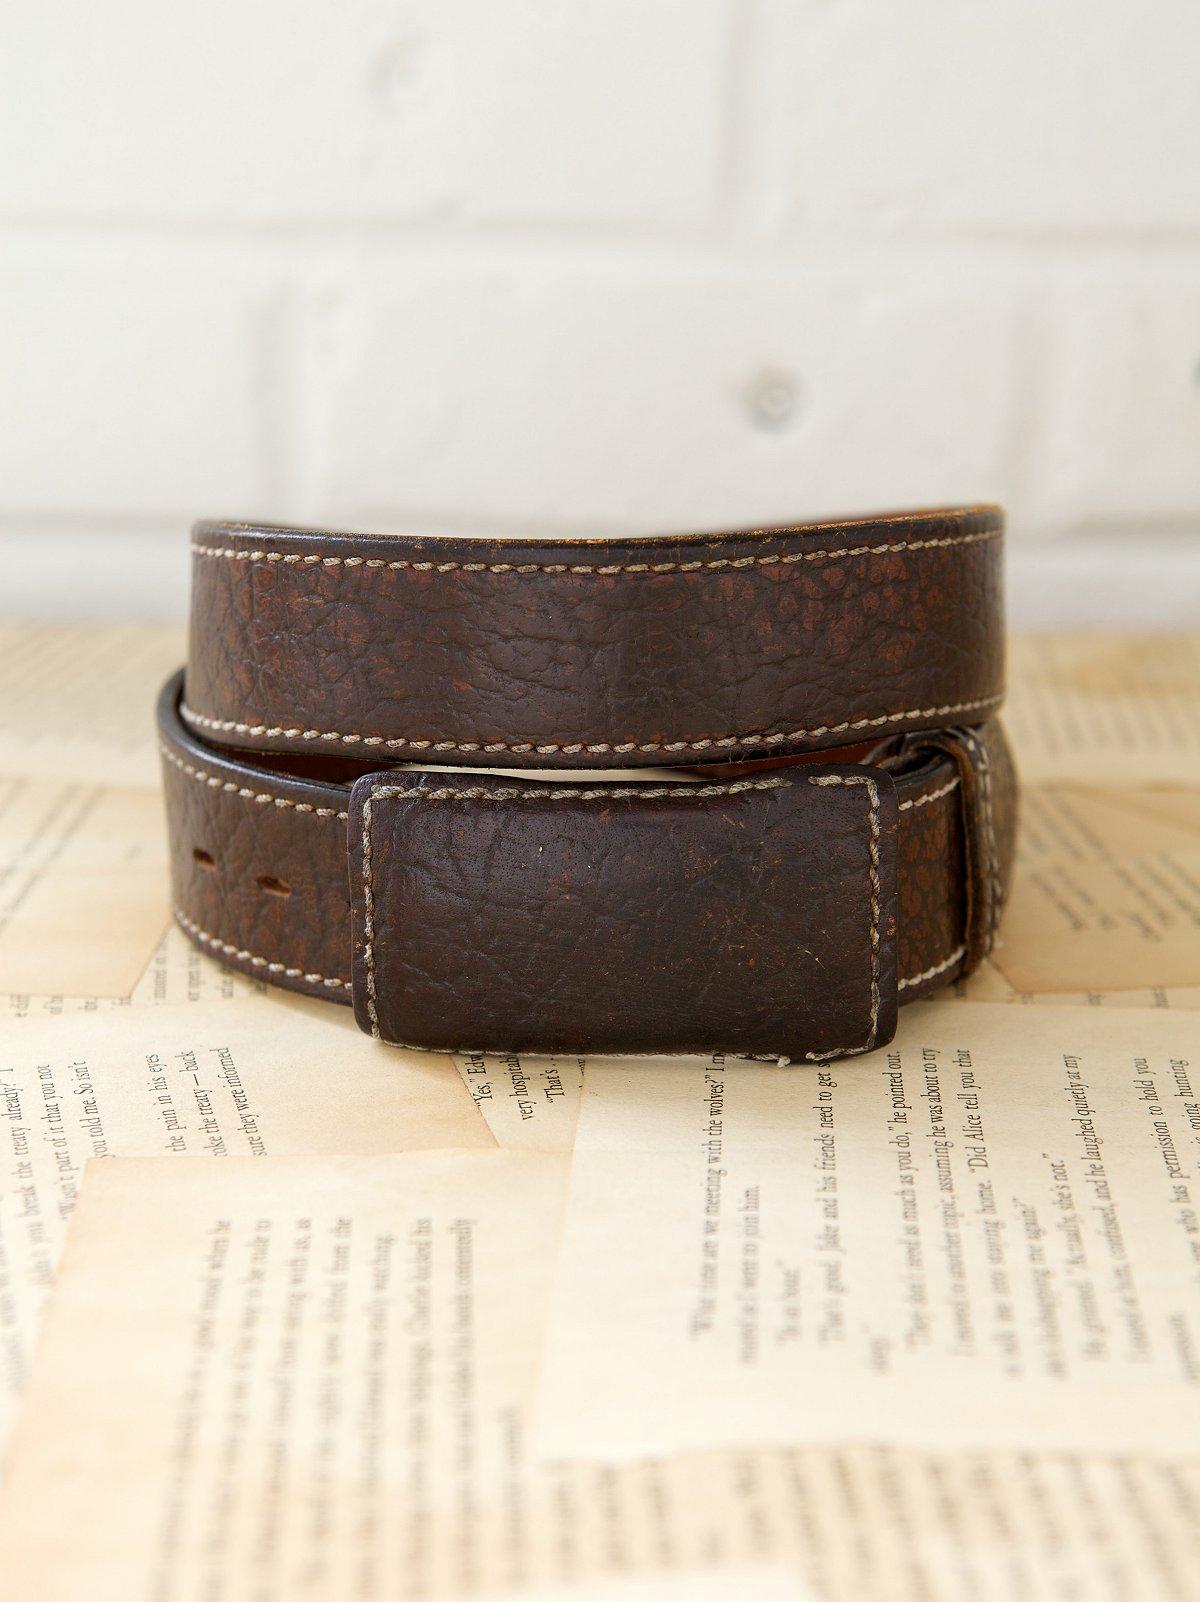 Vintage 1970s Doctor Brown Belt